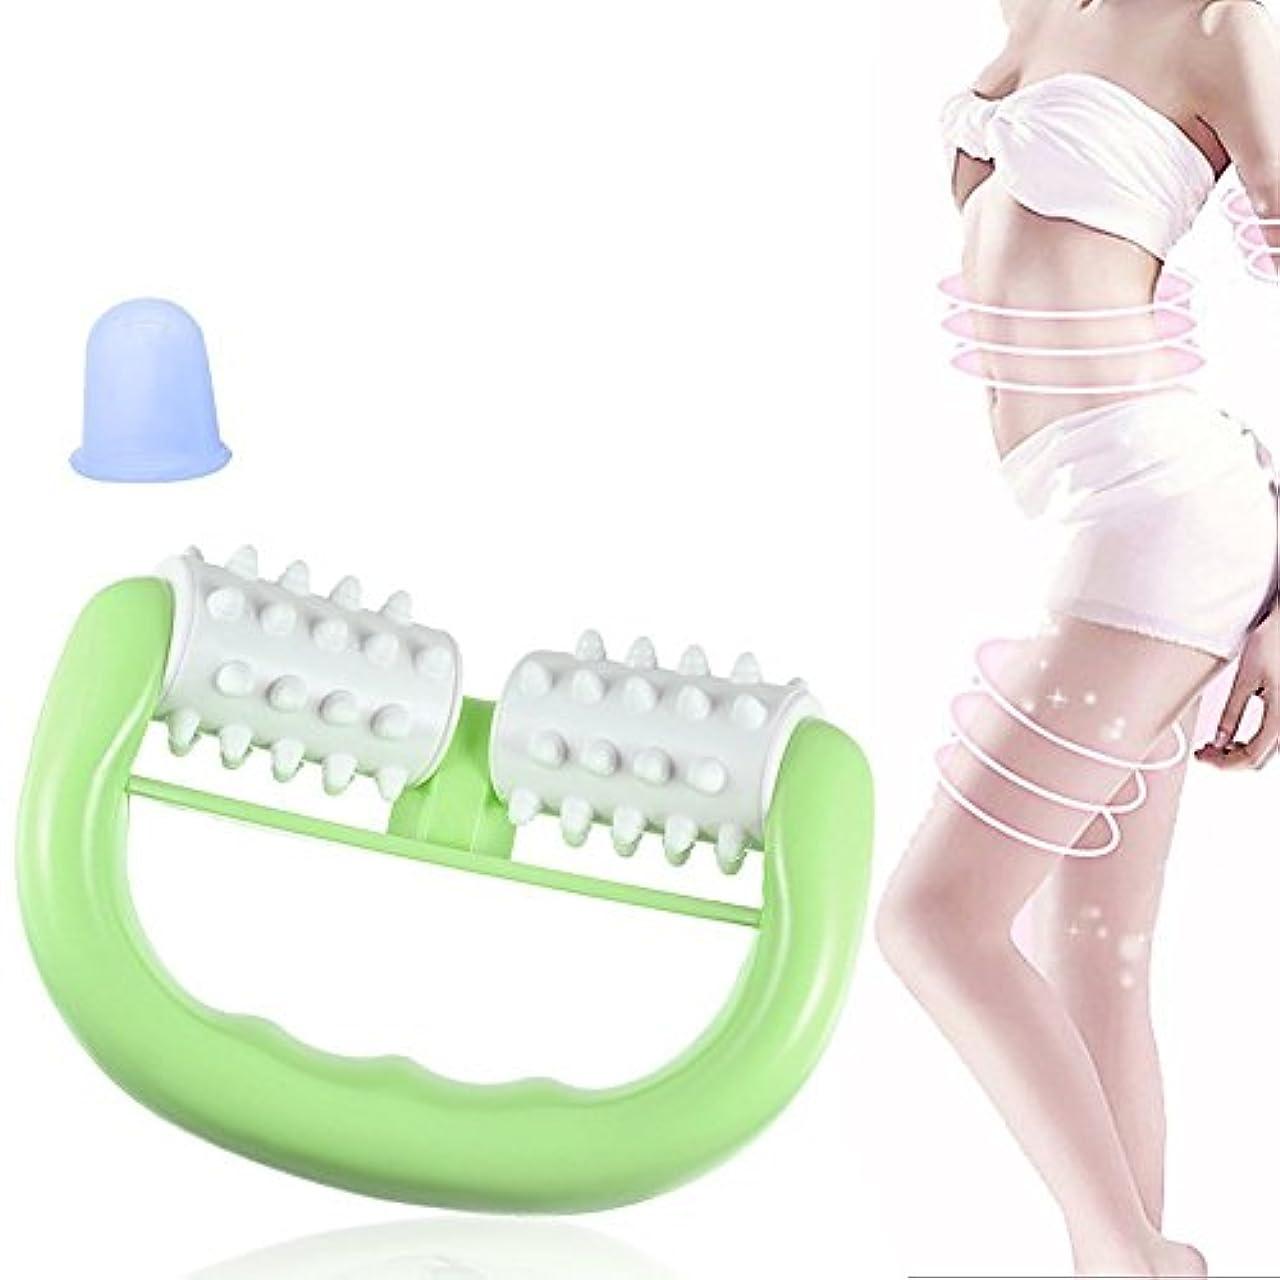 押し下げる技術者暗記するマッサージローラー マッサージカップ 筋筋膜リリース ダイエットボディローラー ツボ 筋肉 マッサージ シリコン 吸い玉 カップ